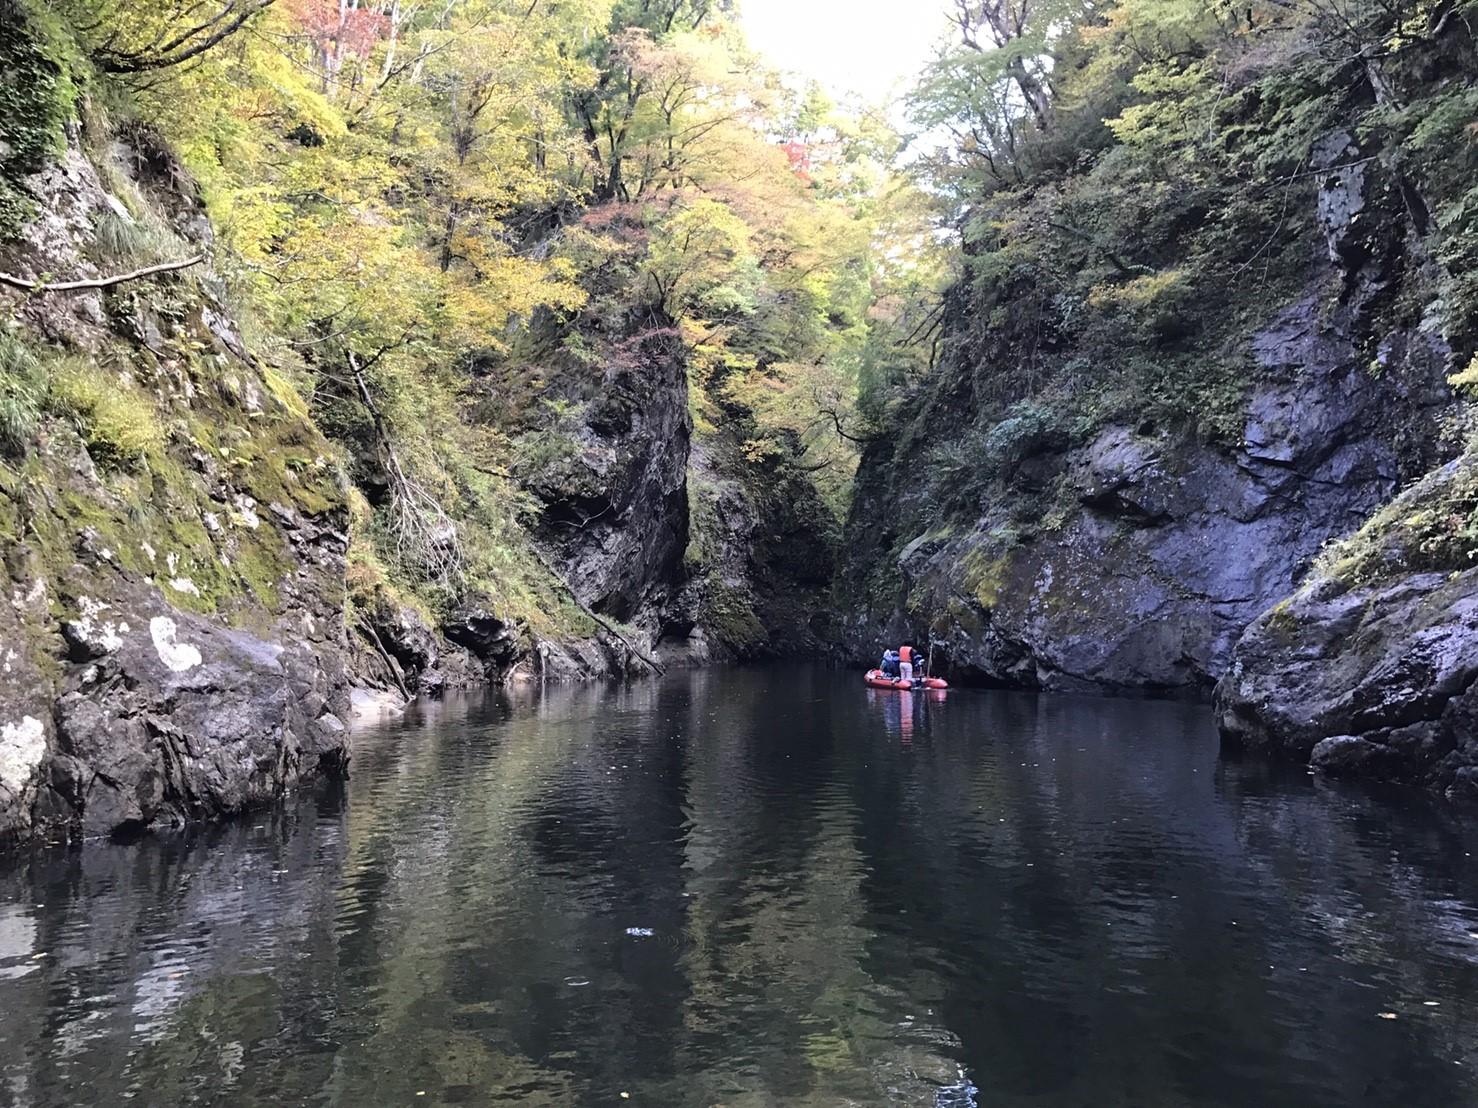 三淵渓谷ボートツーリング【今シーズン運航終了のお知らせ】:画像